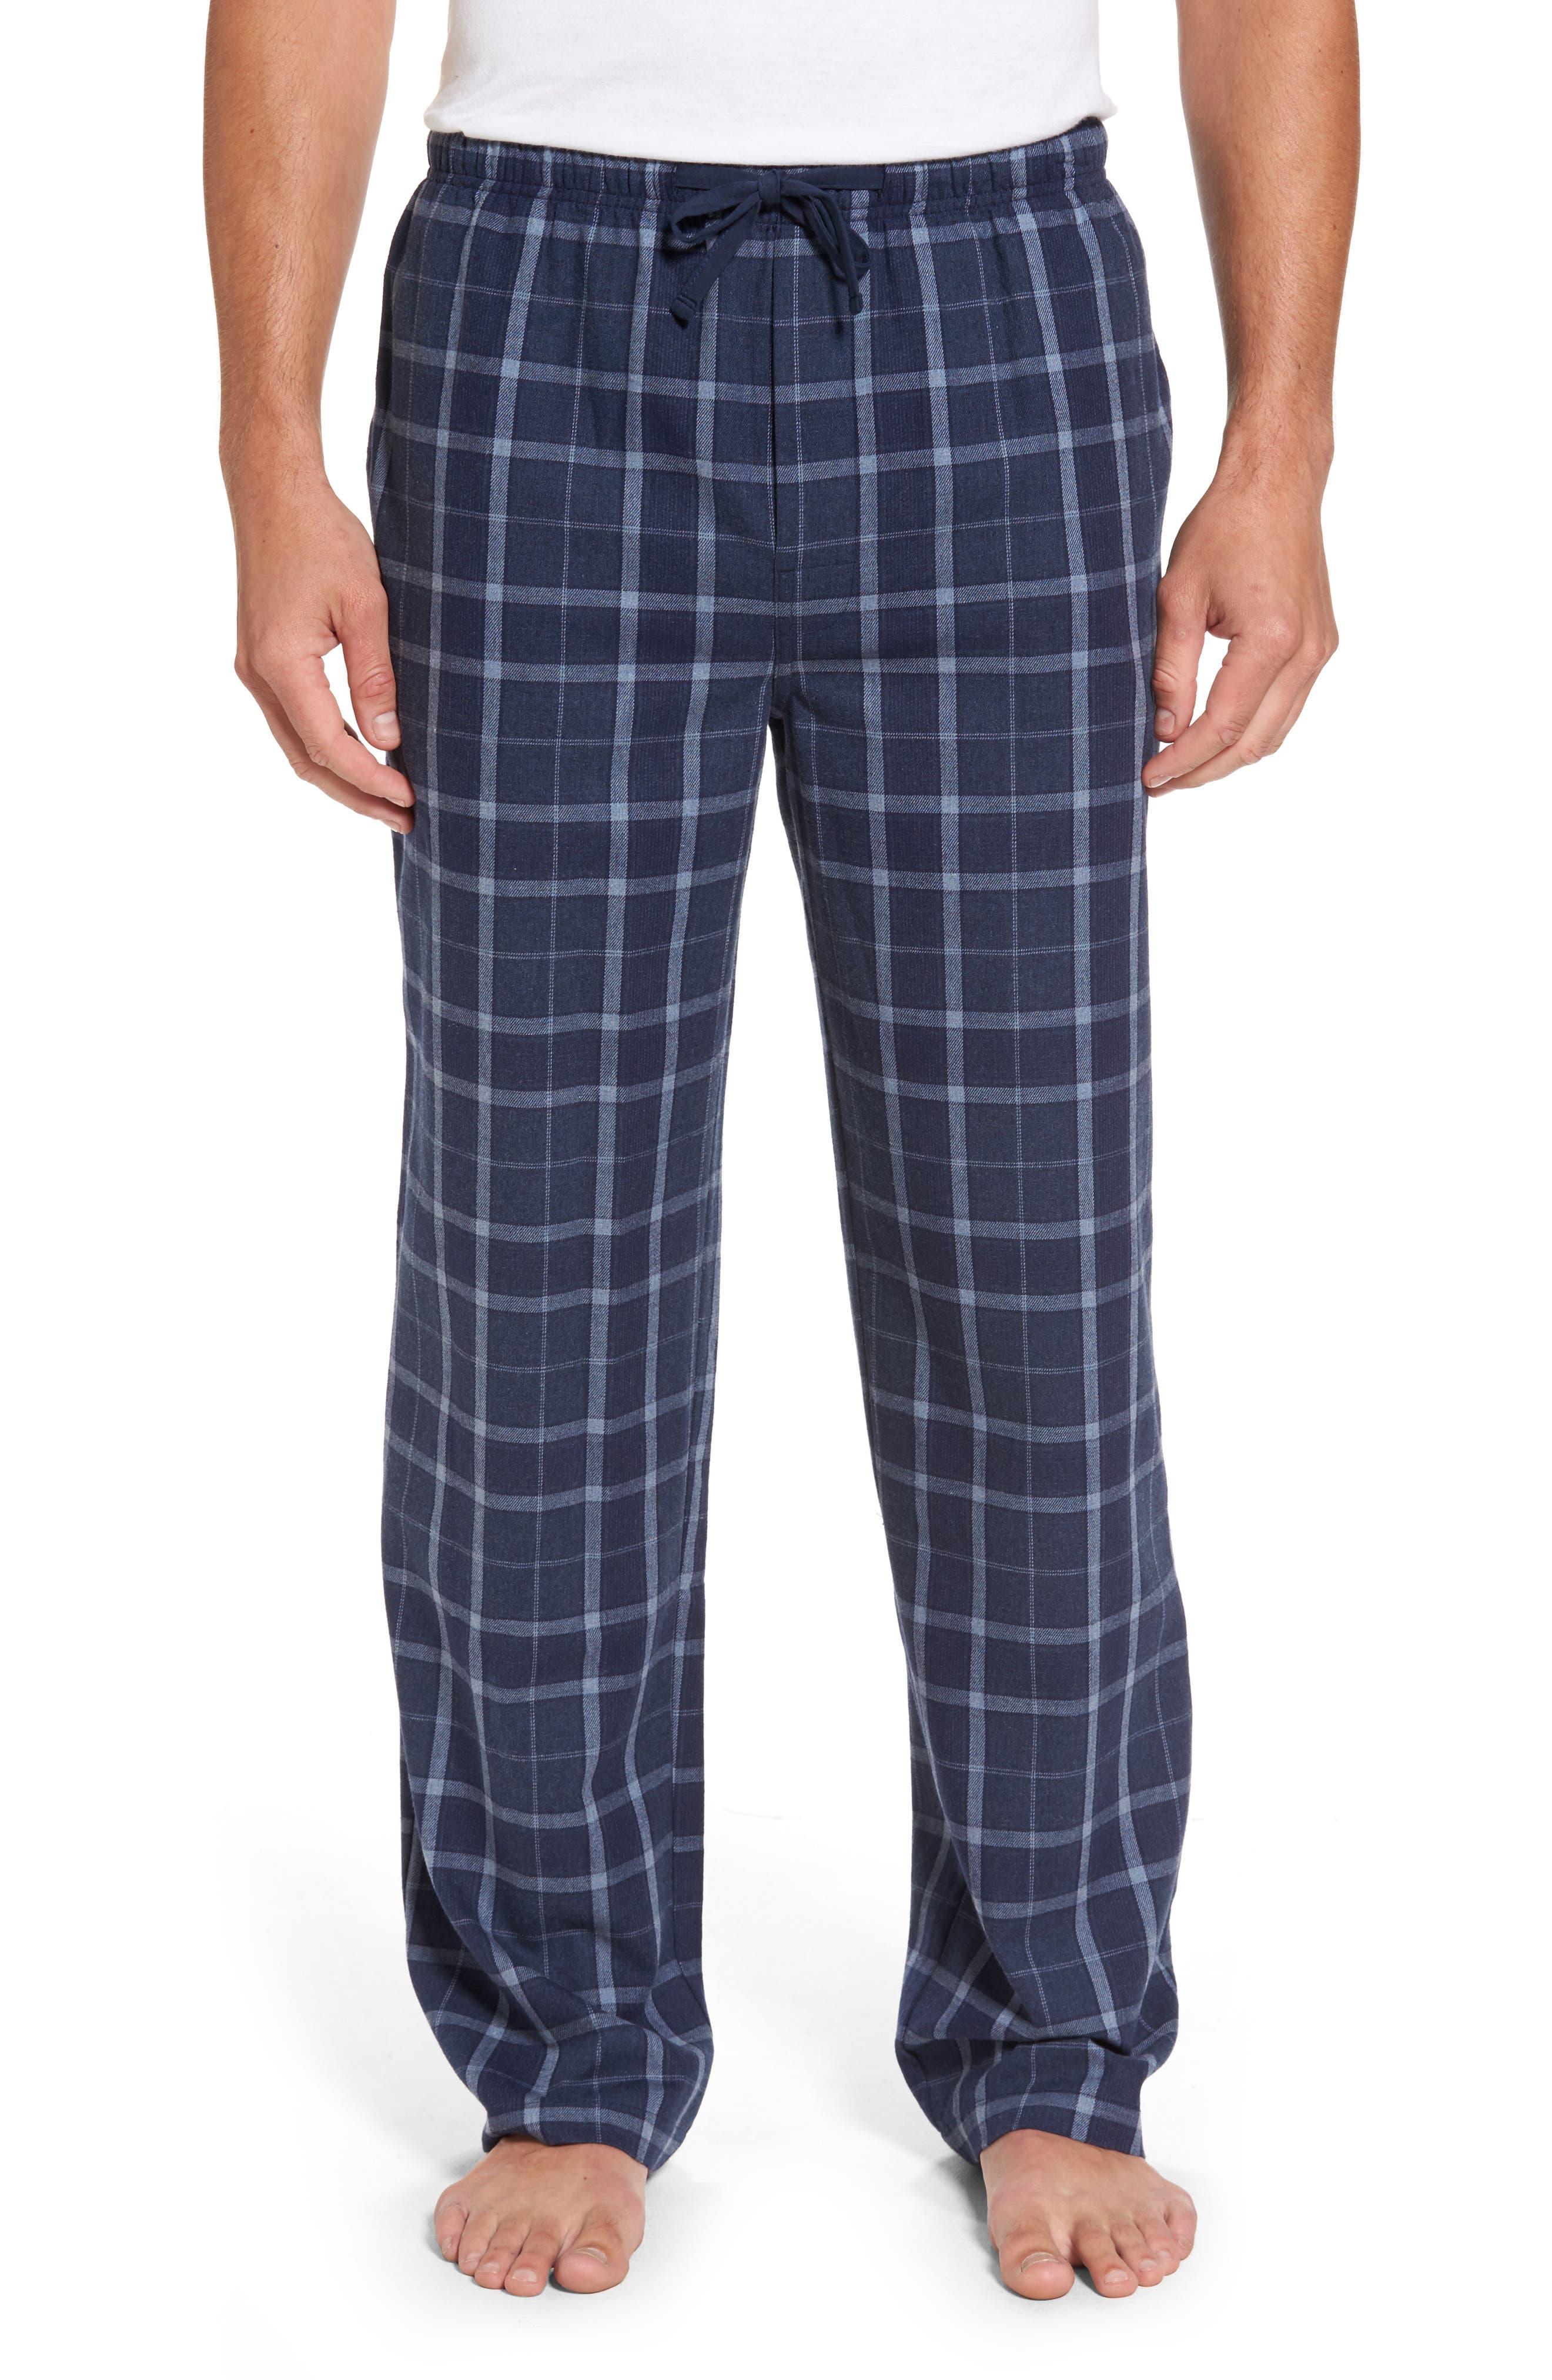 Majestic International Guiness Plaid Lounge Pants